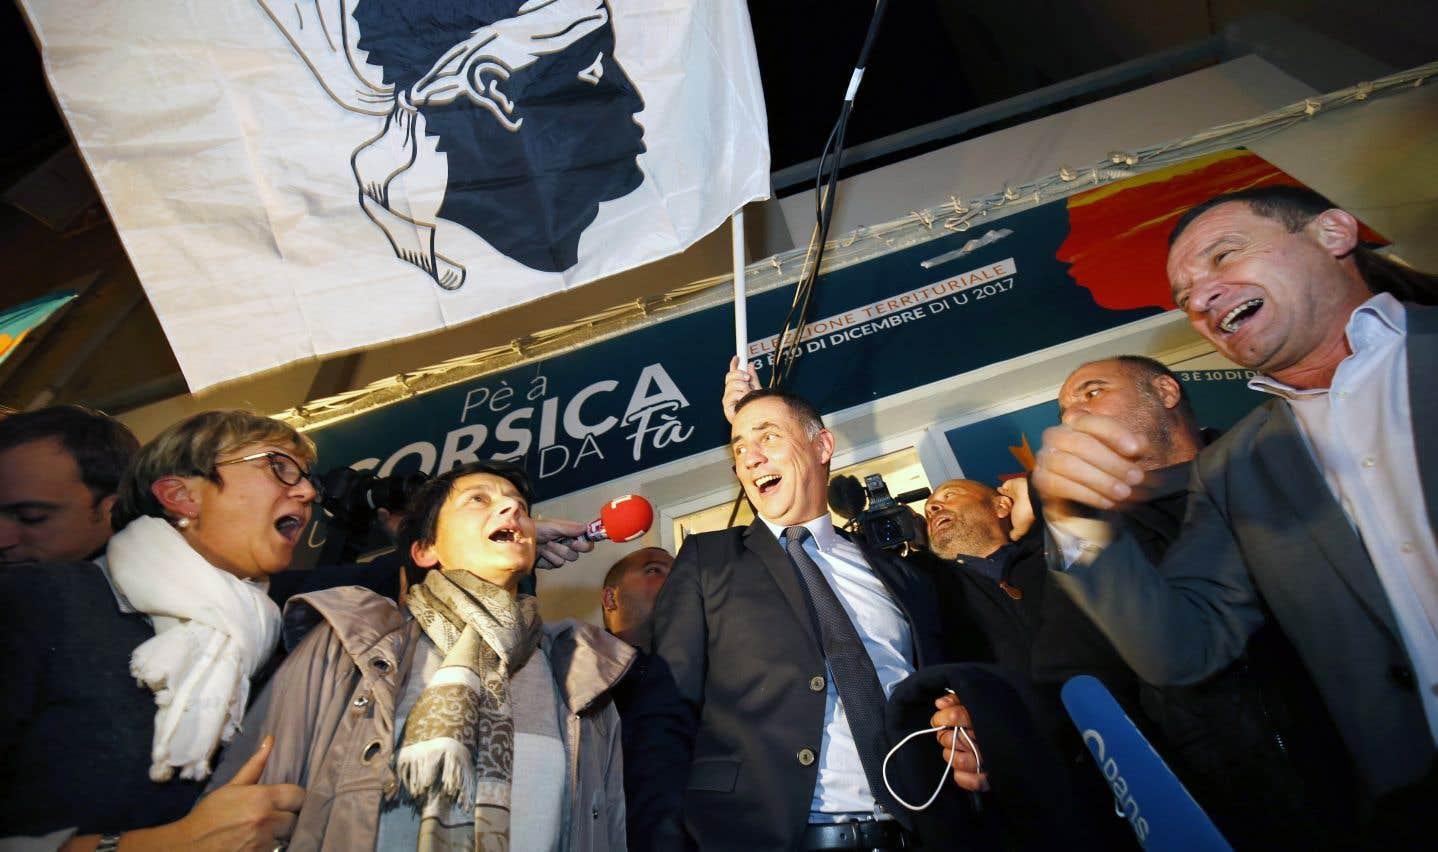 Élection territoriale: les nationalistes corses au seuil d'une victoire décisive